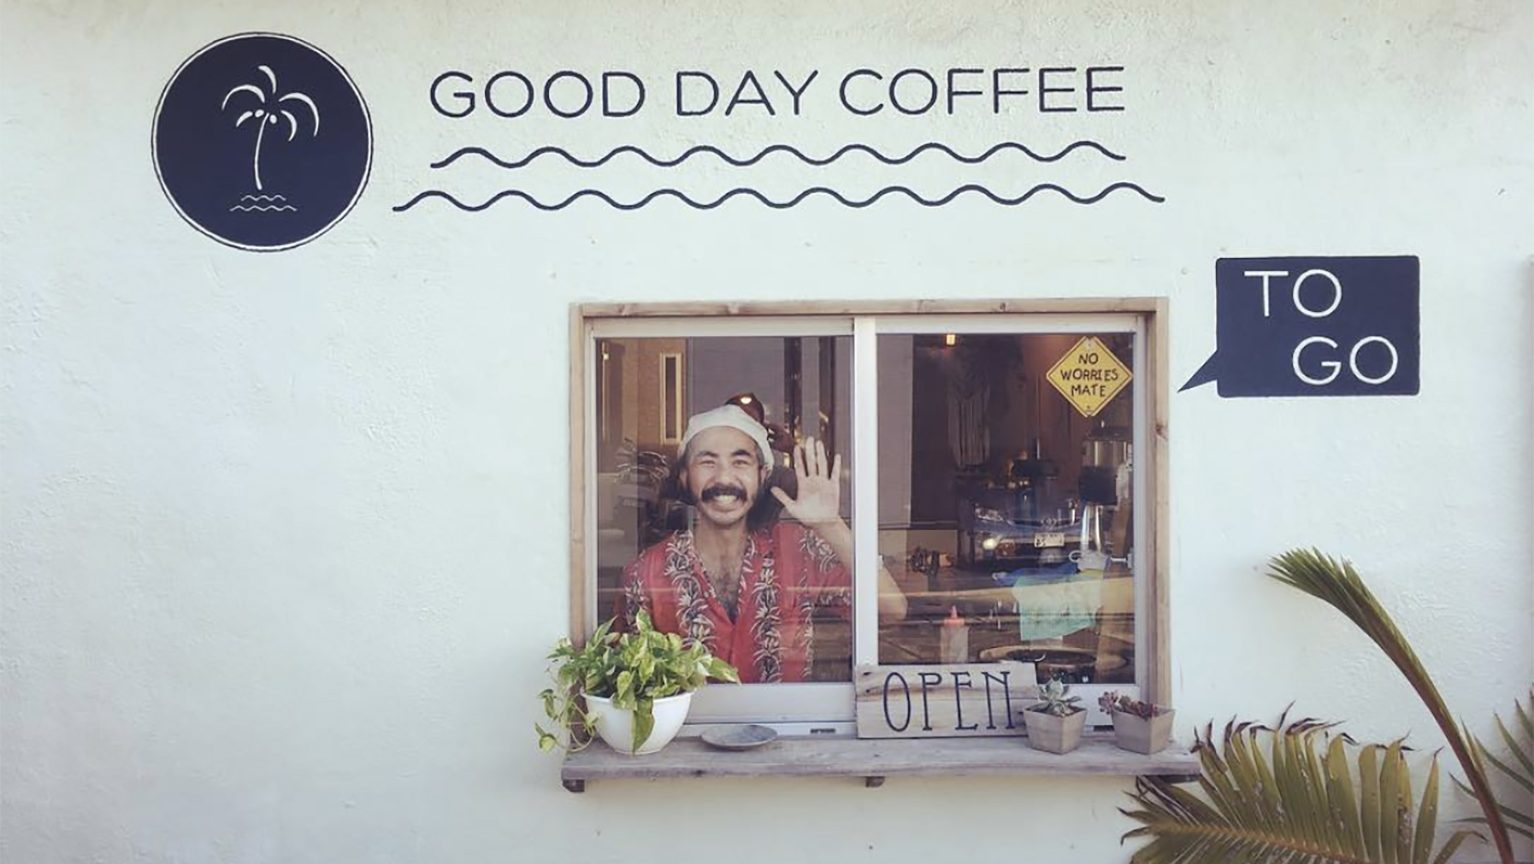 グッドデイコーヒーのテイクアウトコーナー